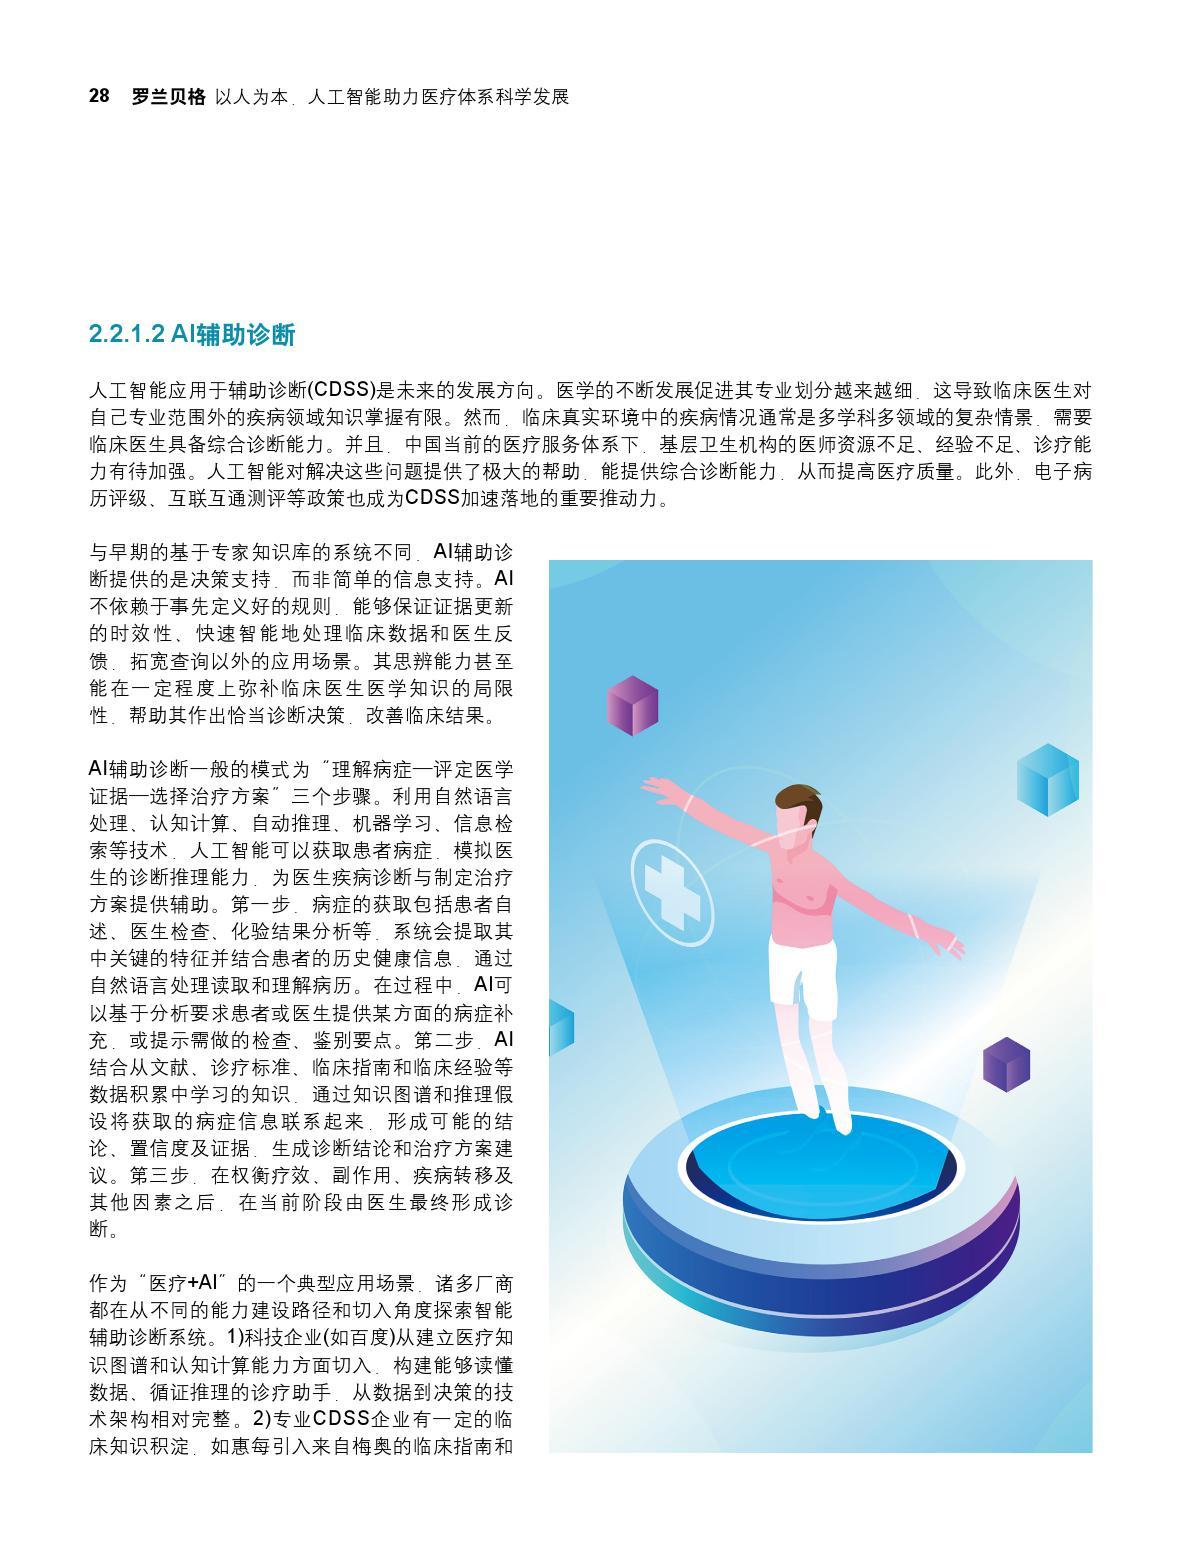 罗兰贝格&百度:人工智能助力医疗体系科学发展报告(附下载)插图(27)